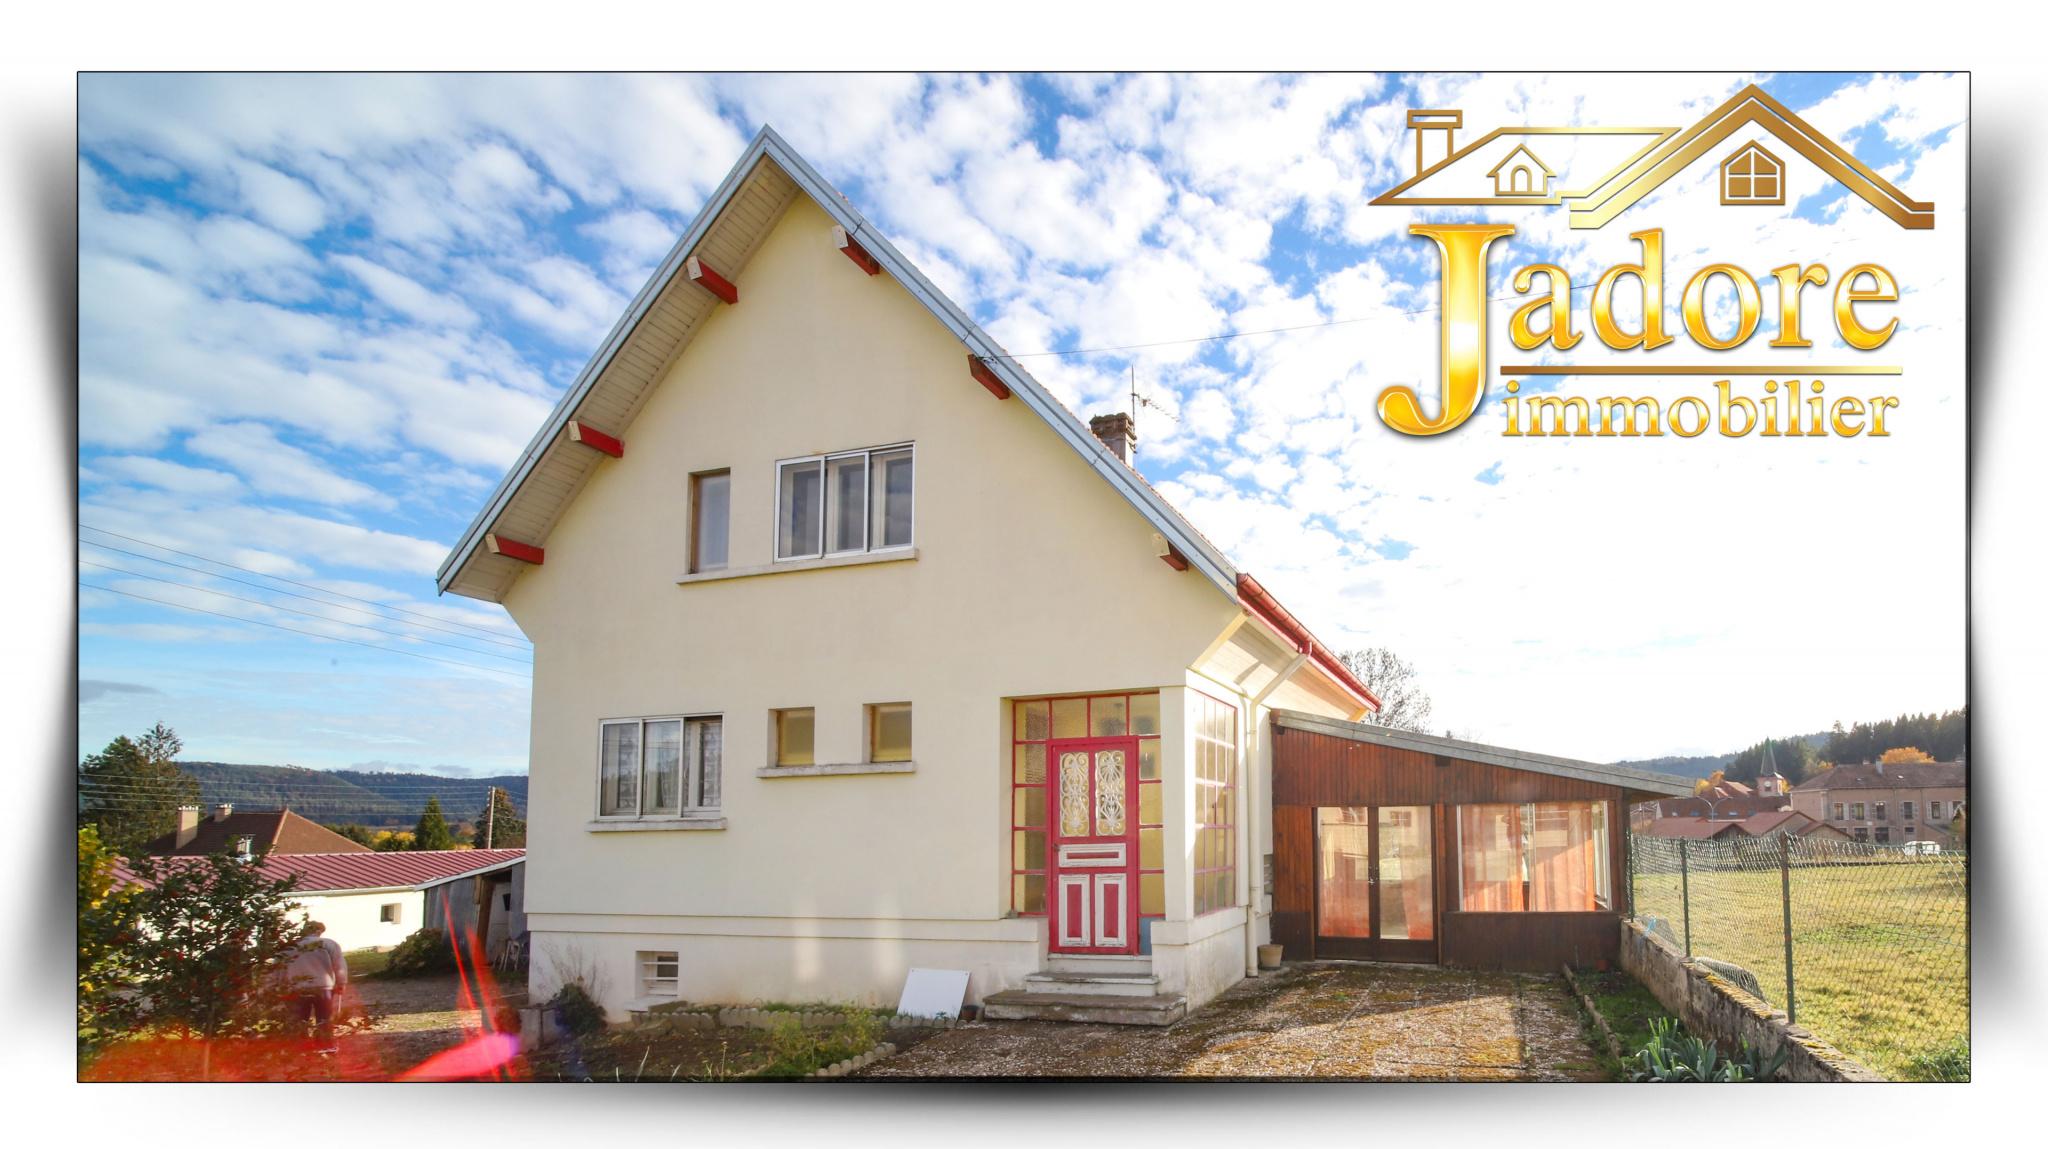 maison/villa à vendre brouvelieures